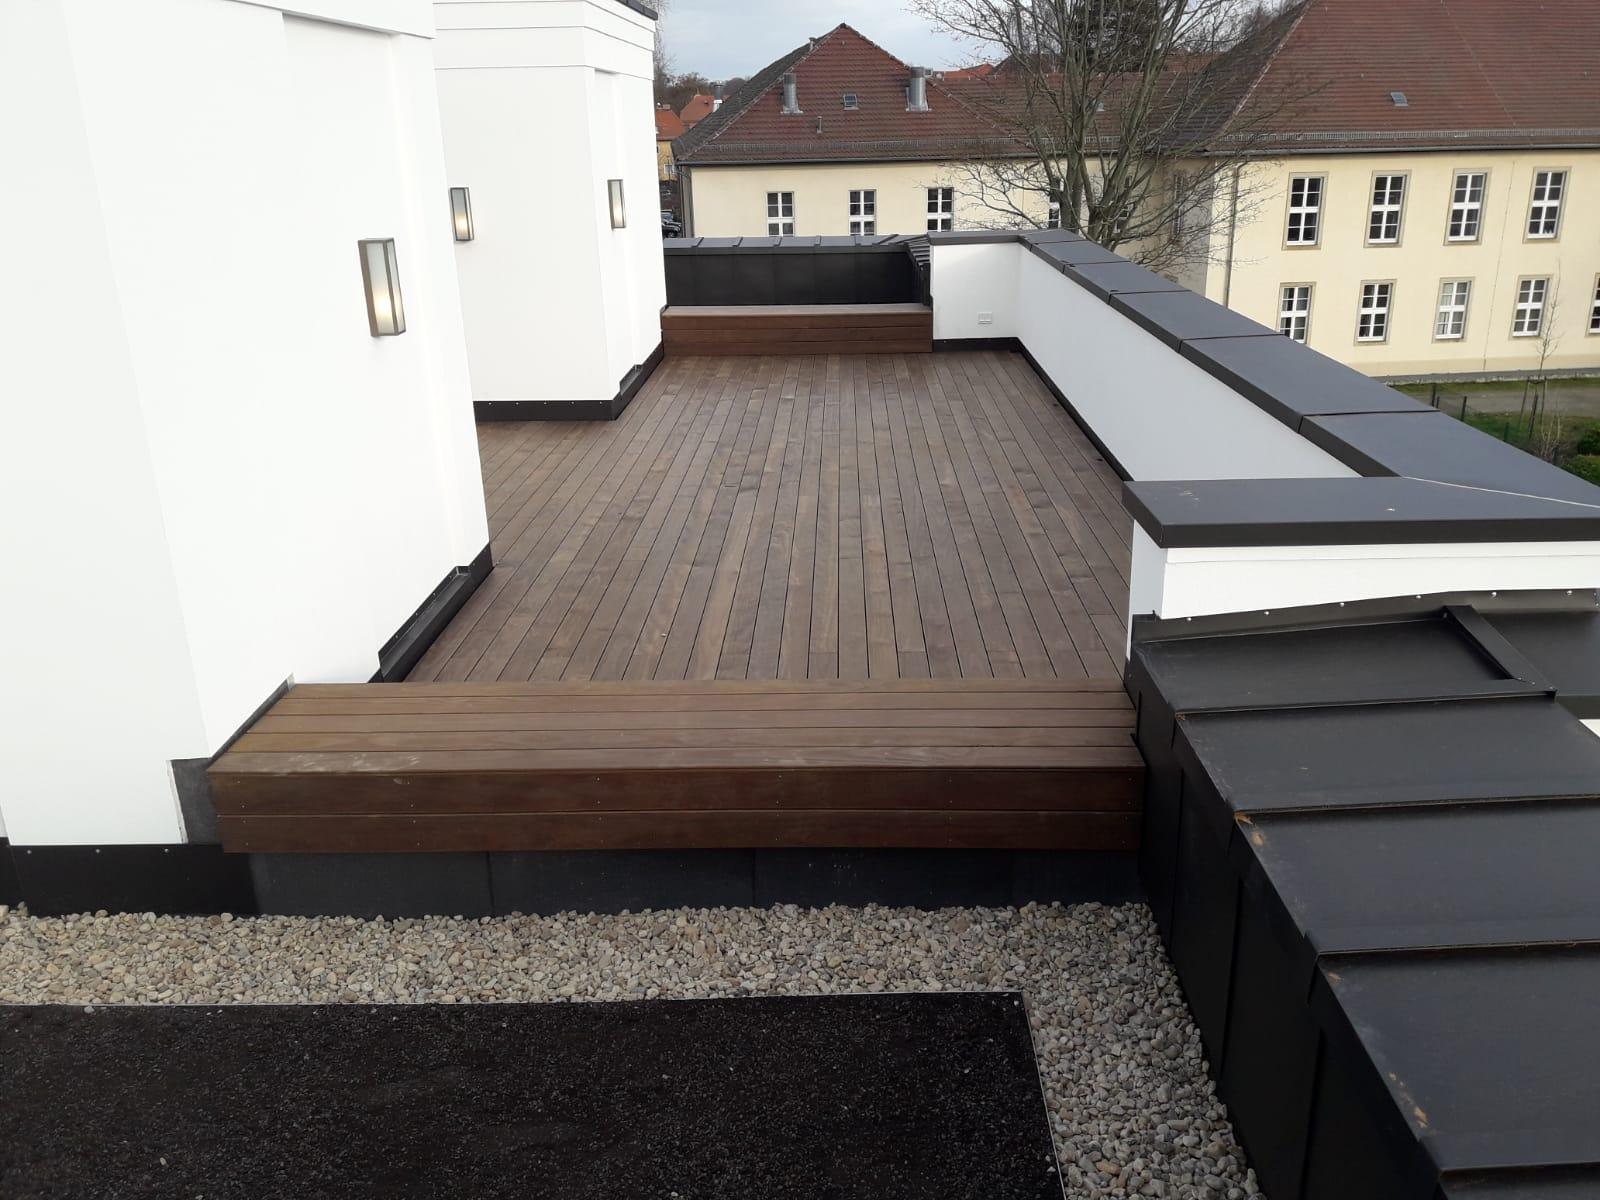 Dachdeckerei_Rebau_Dachterrasse_Holz